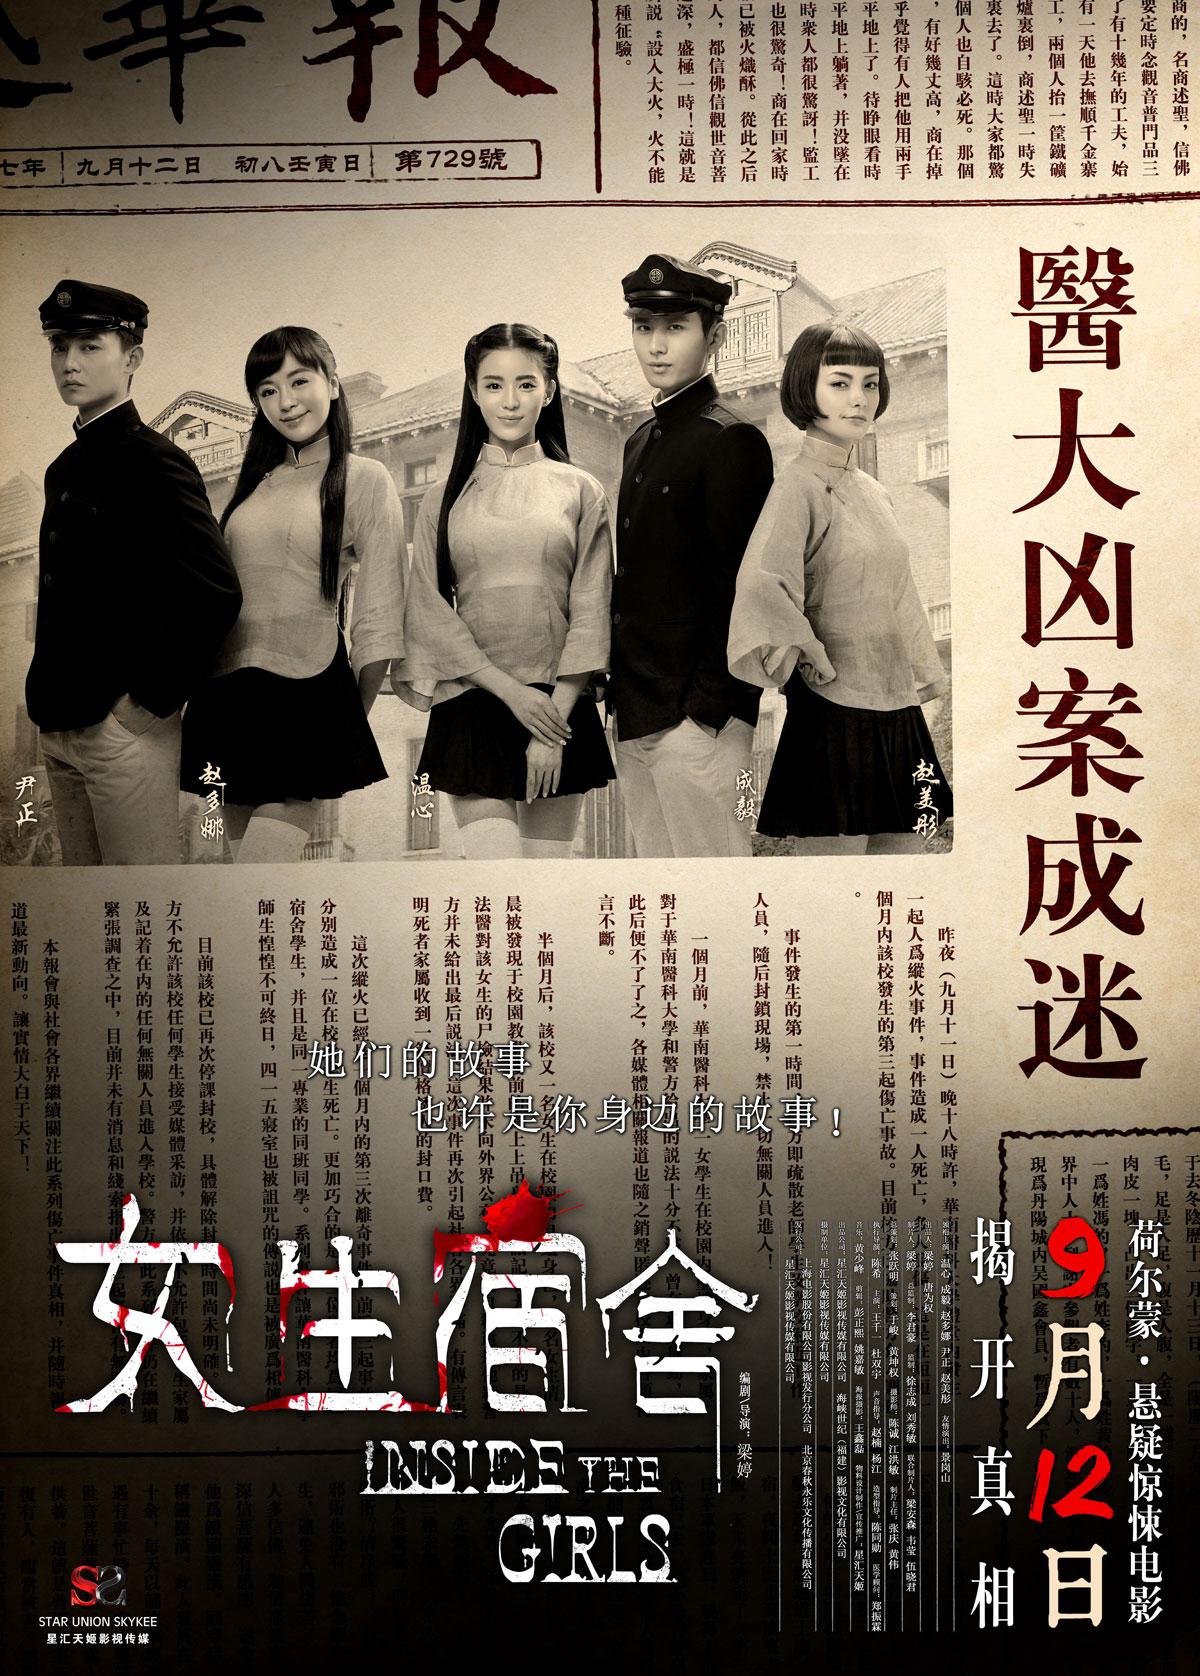 《女生宿舍》今日上映 八大看点诱惑惊悚全揭秘